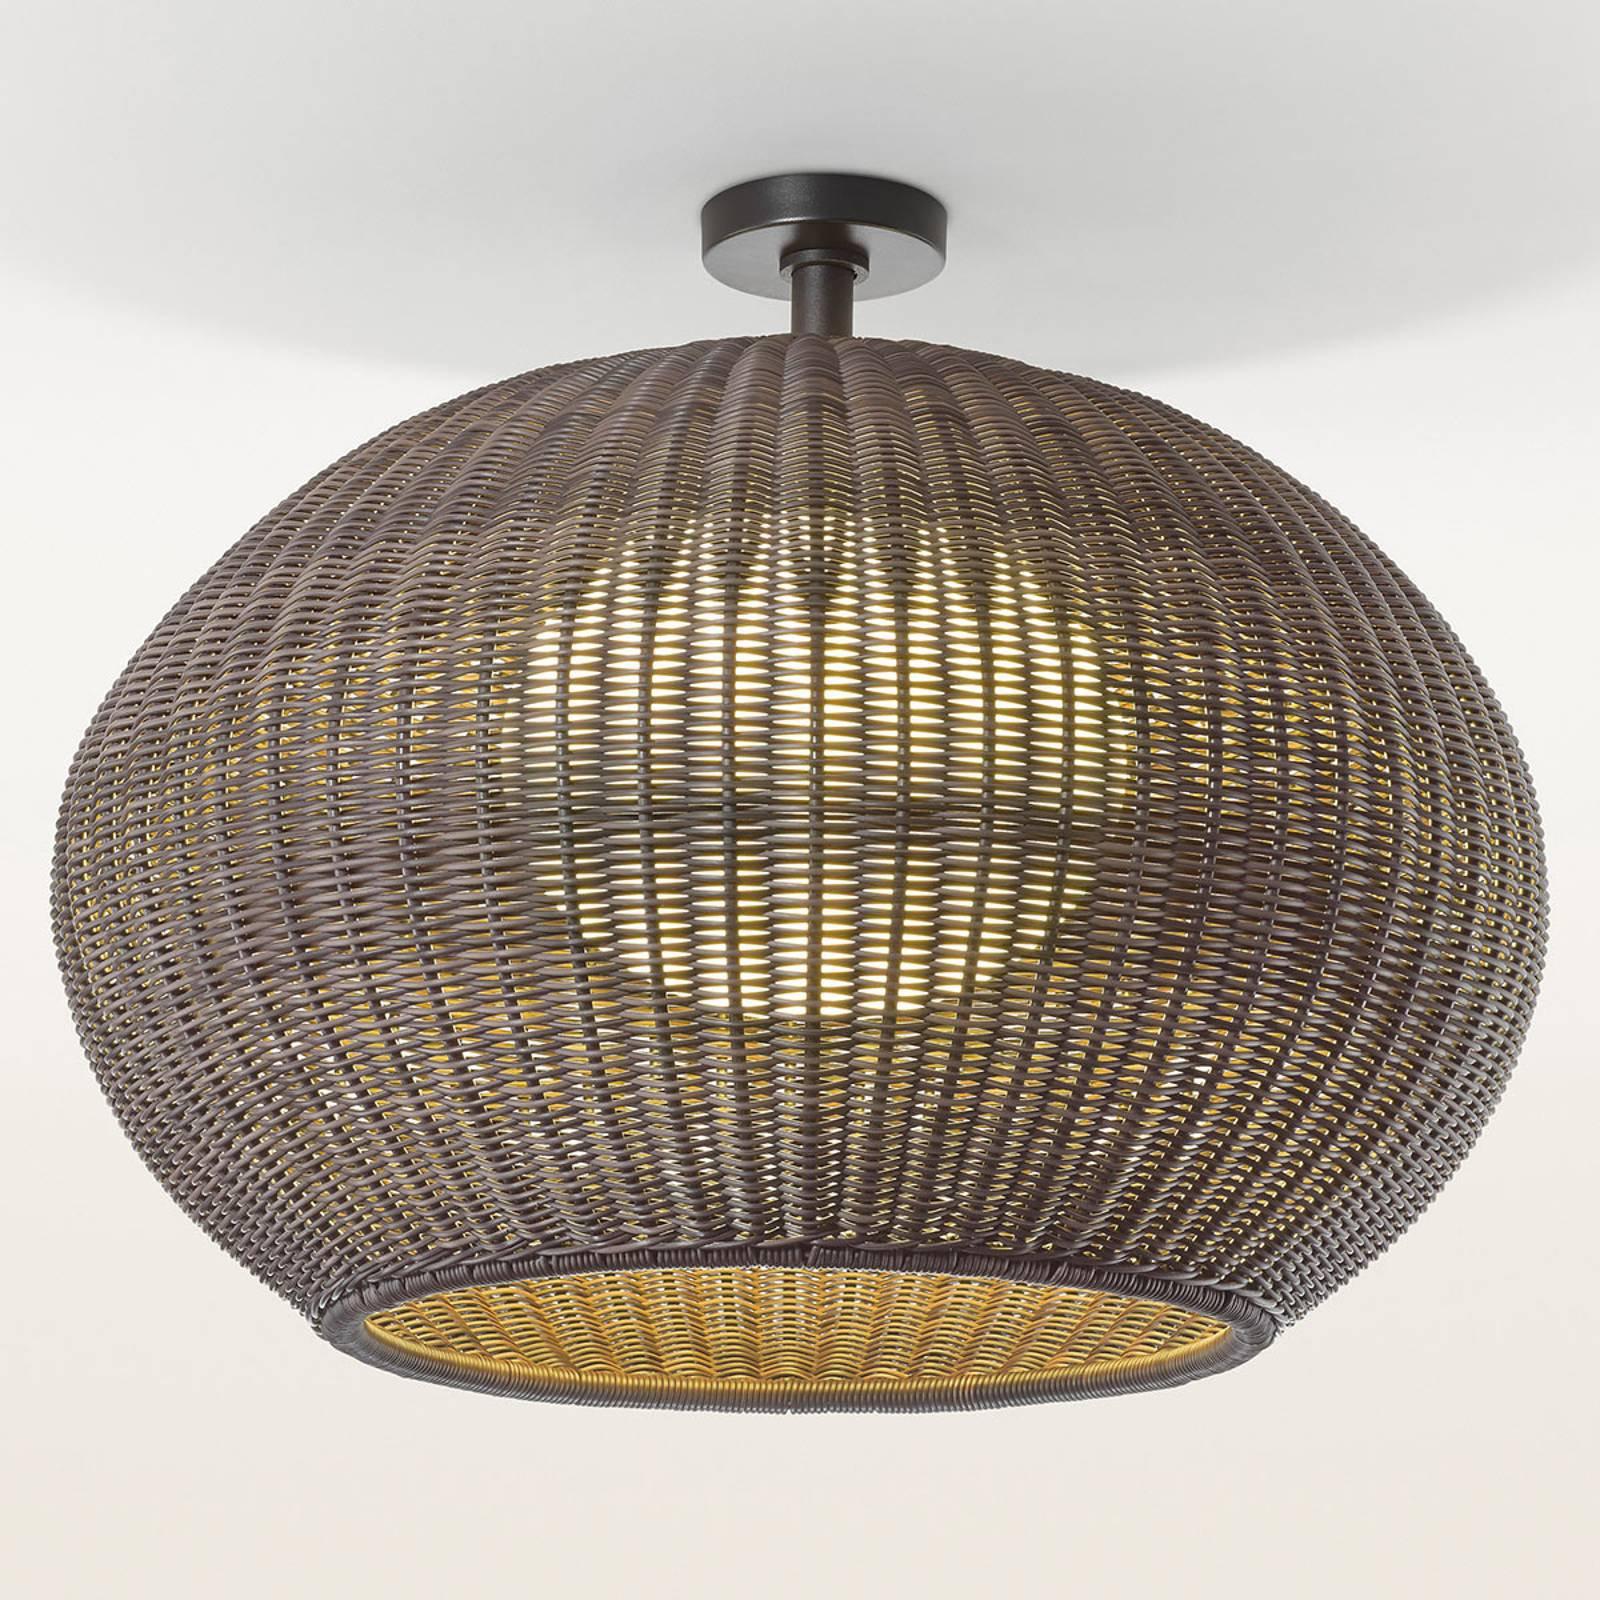 Bover Garota PF/02 utendørs taklampe i brun